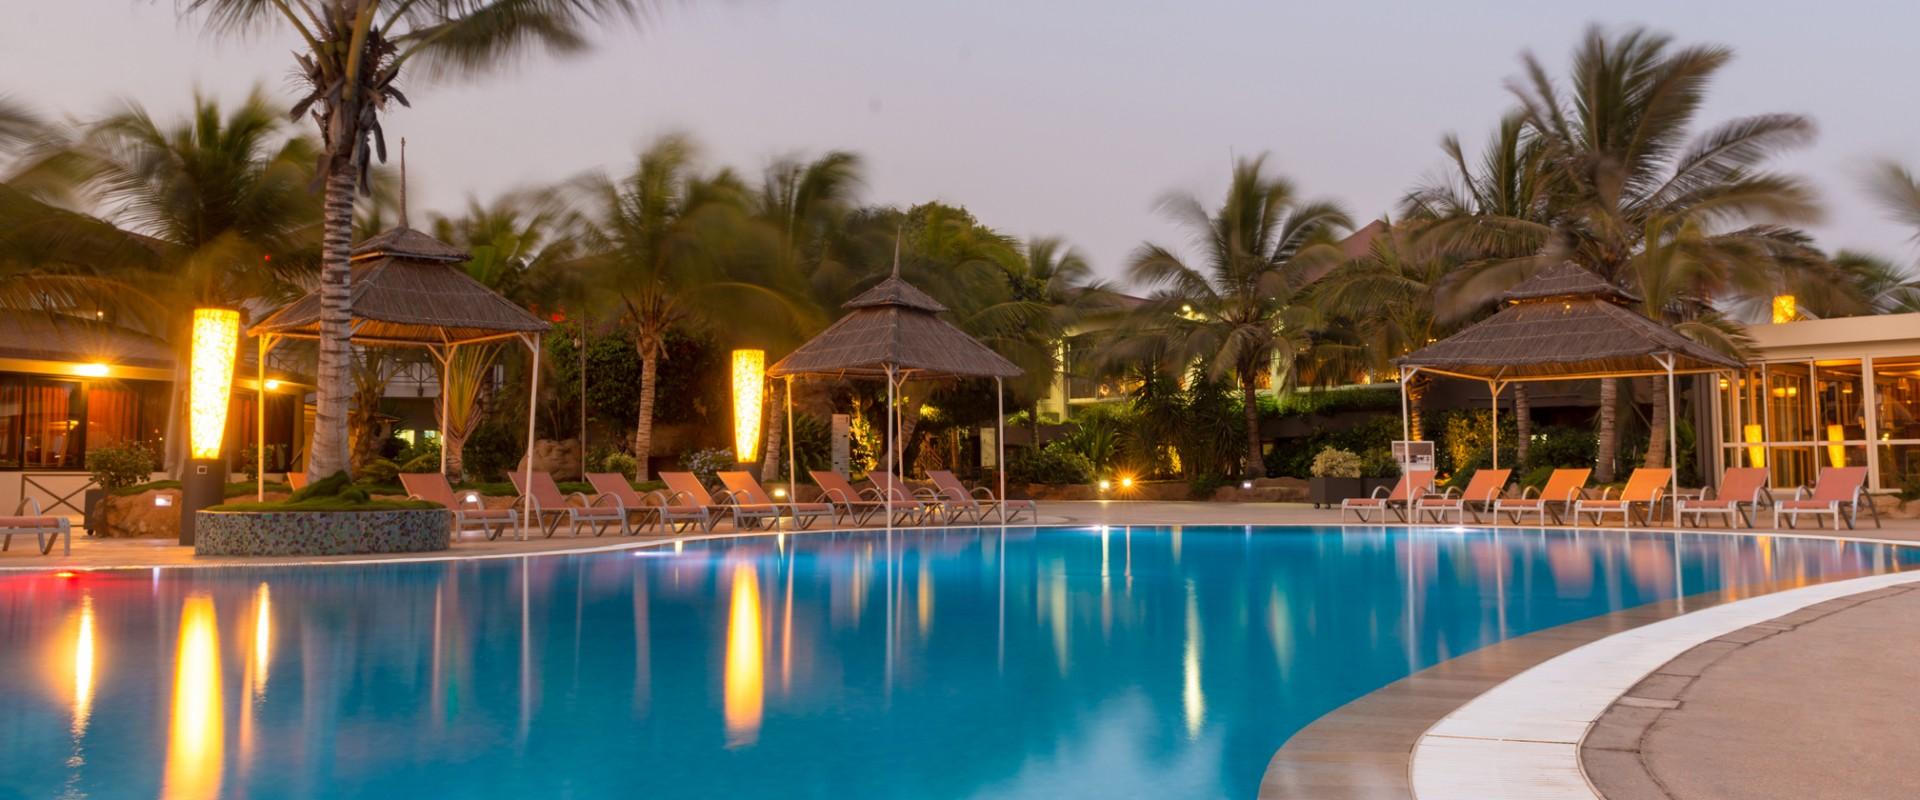 Luxury Hotels In Johannesburg